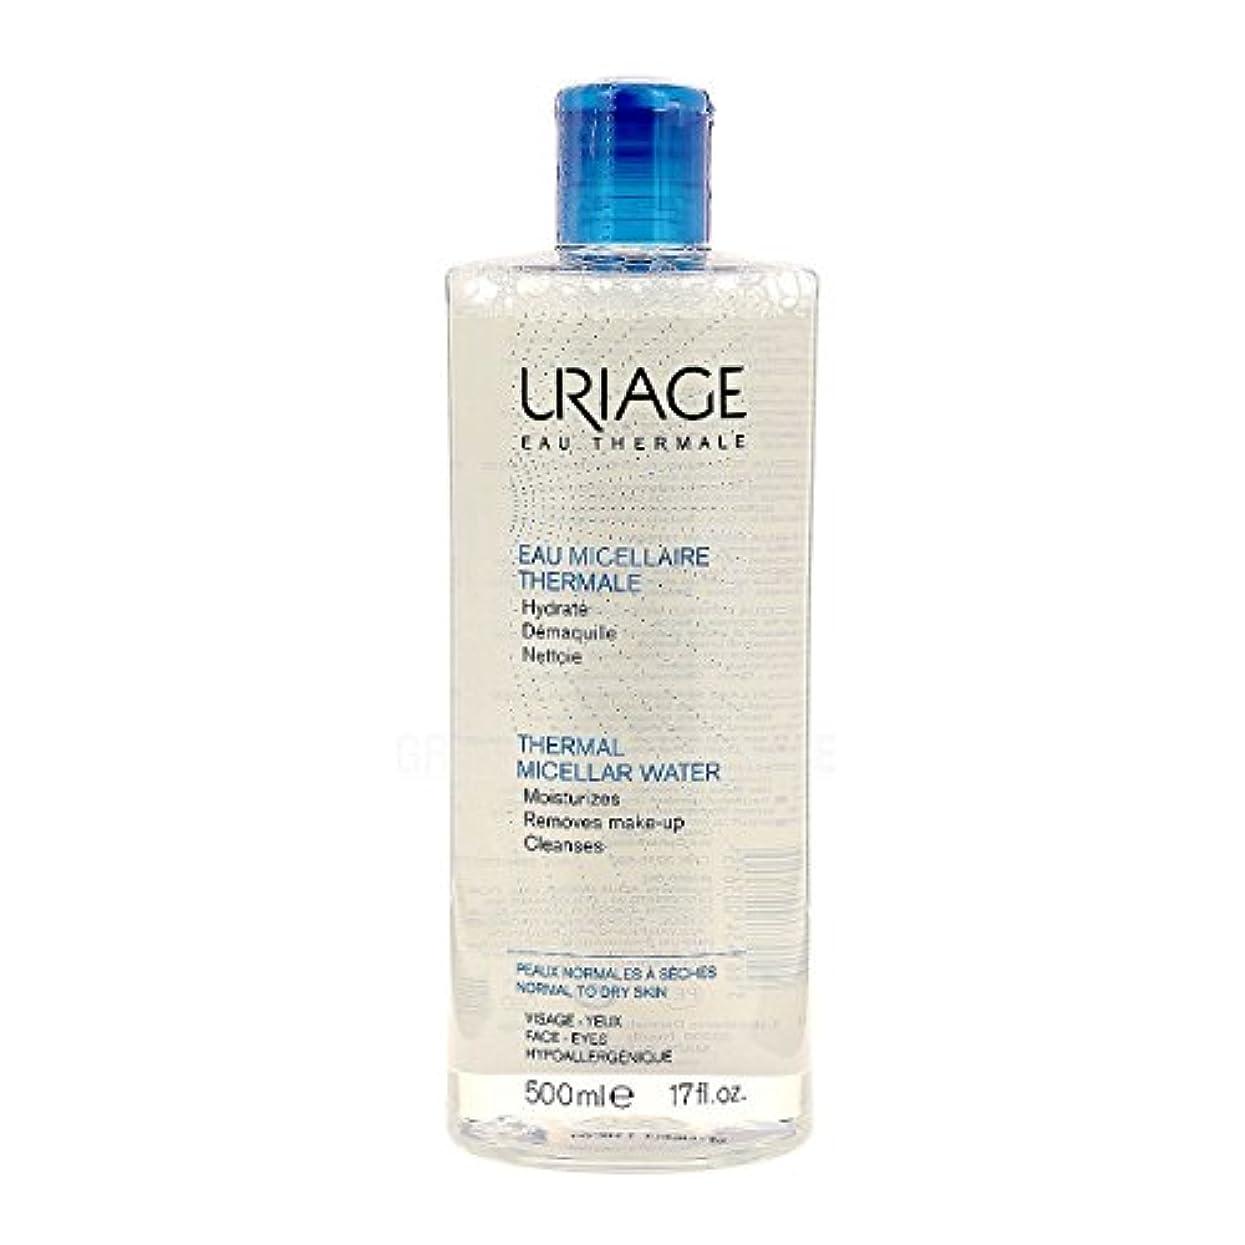 ありふれた種をまくタンザニアUriage Thermal Micellar Water Normal To Dry Skin 500ml [並行輸入品]